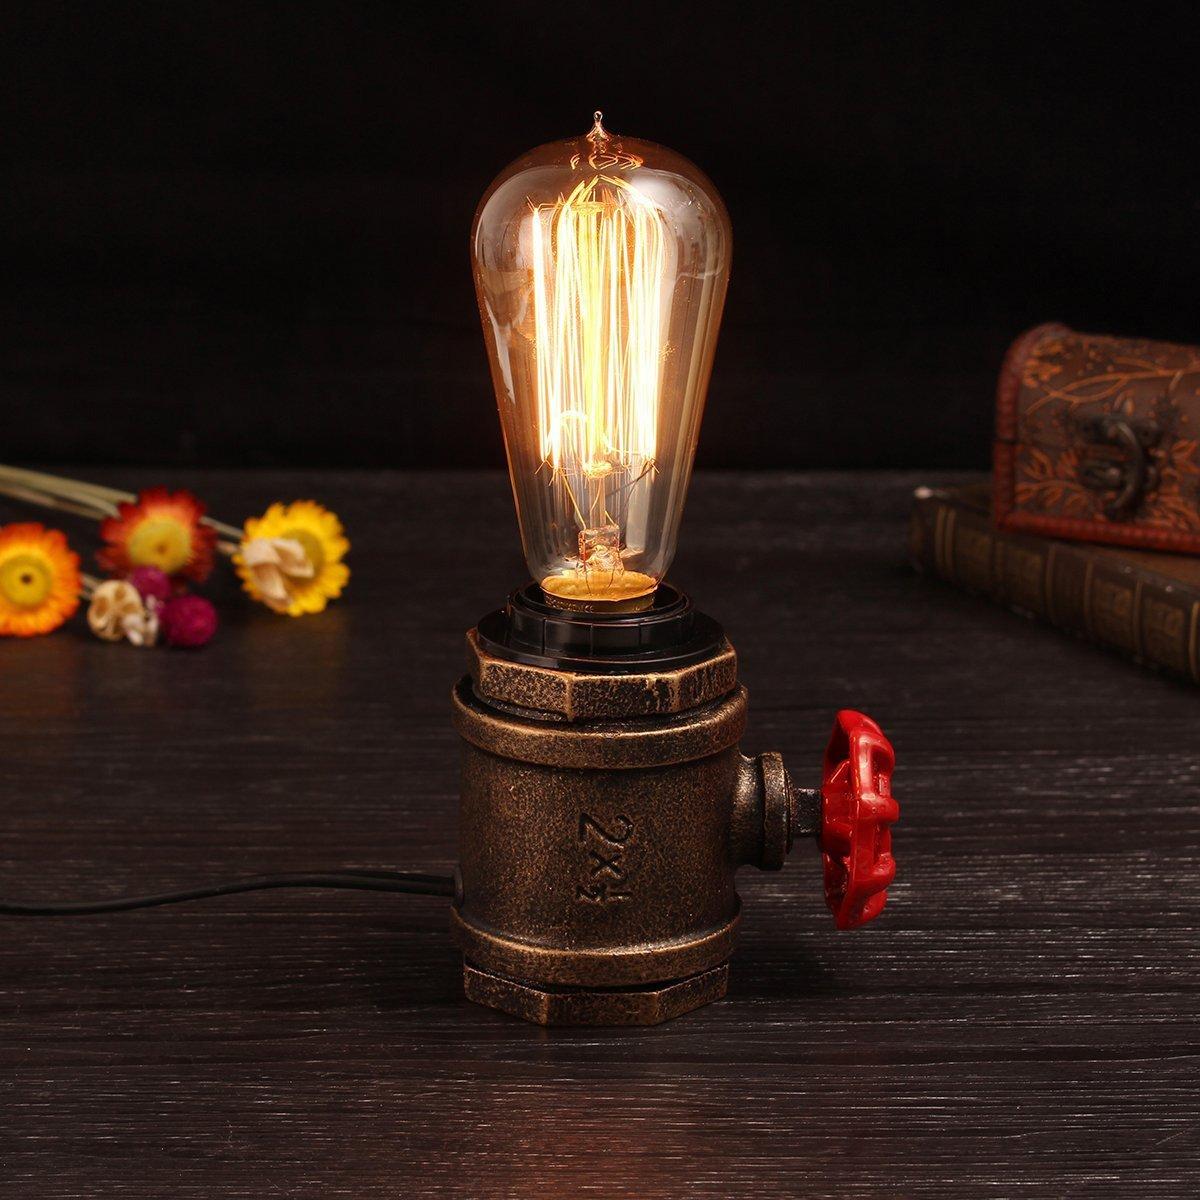 Illuminazione Vintage Edison Steampunk Lampada da tavolo in metallo ferro battuto Luci Retro Golden Industrial E27 Lampada da tavolo accento con valvola rossa Decorazione per comodino Camera Bar Cafe HALORI